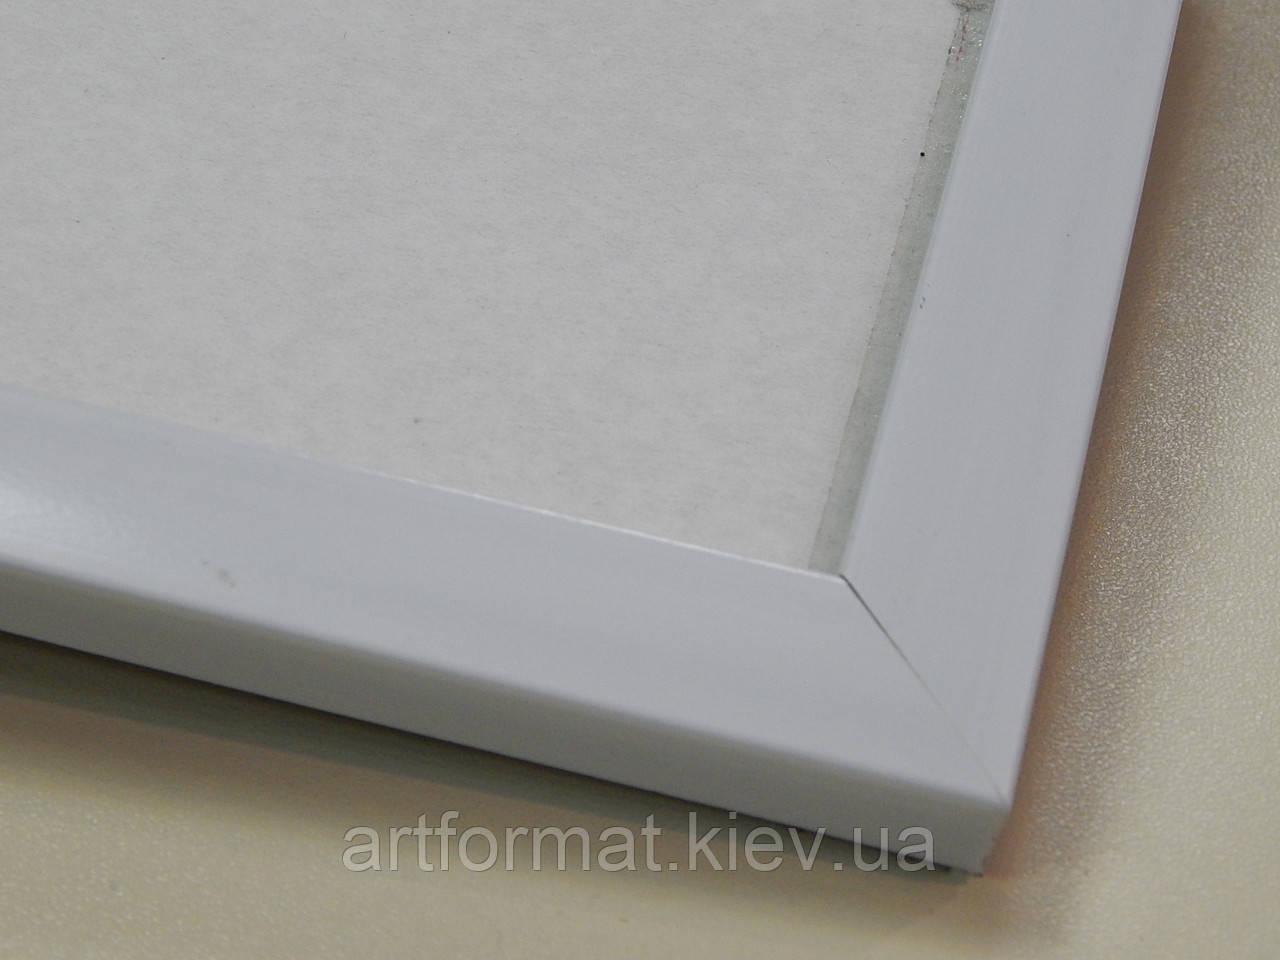 Рамка А3 (297х420).белый  матовый.22 мм.Пластик.